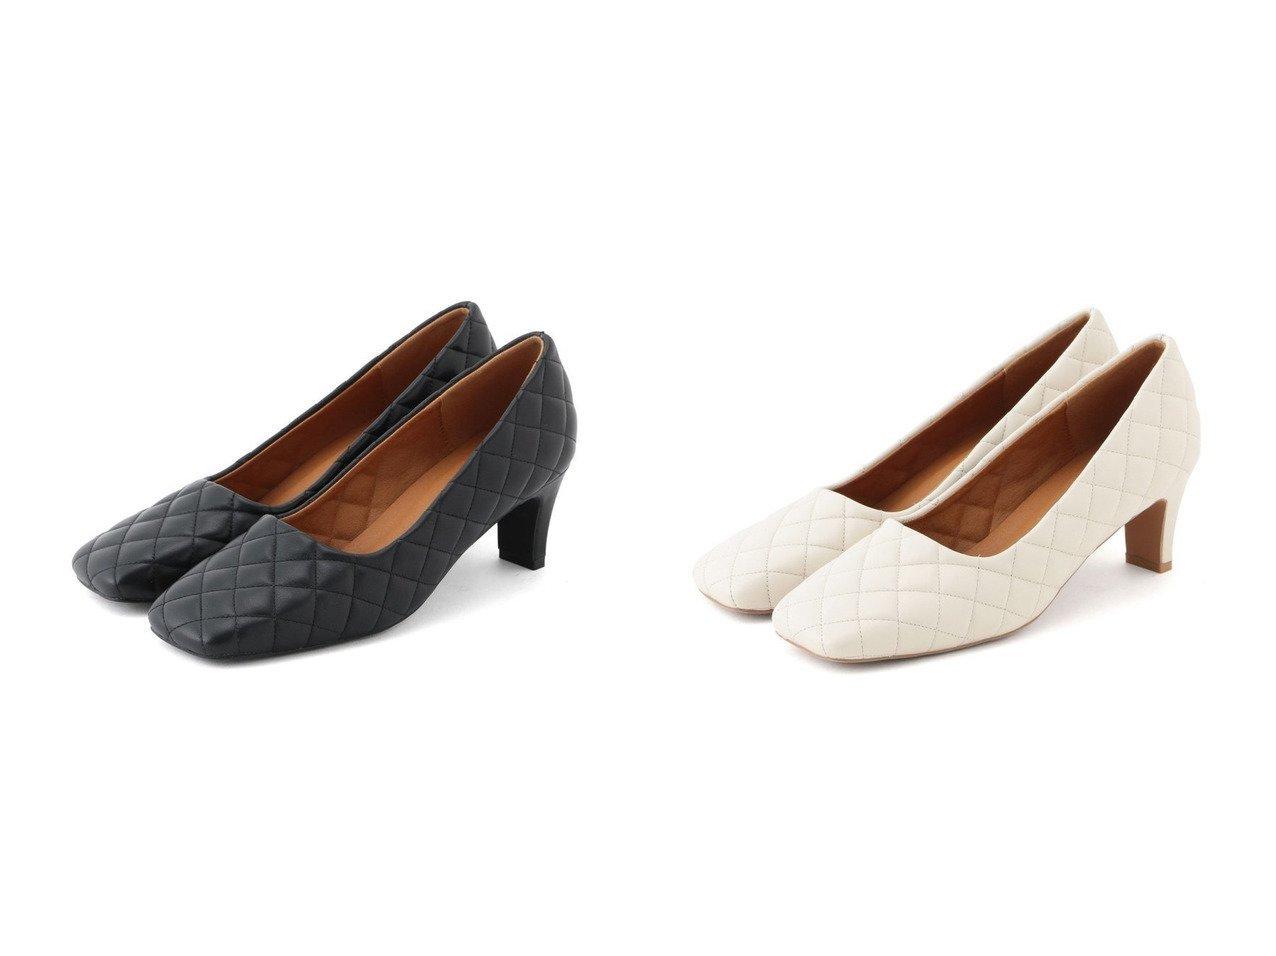 【ROPE' mademoiselle/ロペ マドモアゼル】のキルティングスクエアトゥパンプス 【シューズ・靴】おすすめ!人気、トレンド・レディースファッションの通販 おすすめで人気の流行・トレンド、ファッションの通販商品 メンズファッション・キッズファッション・インテリア・家具・レディースファッション・服の通販 founy(ファニー) https://founy.com/ ファッション Fashion レディースファッション WOMEN キルティング シューズ トレンド パターン ライニング  ID:crp329100000028150